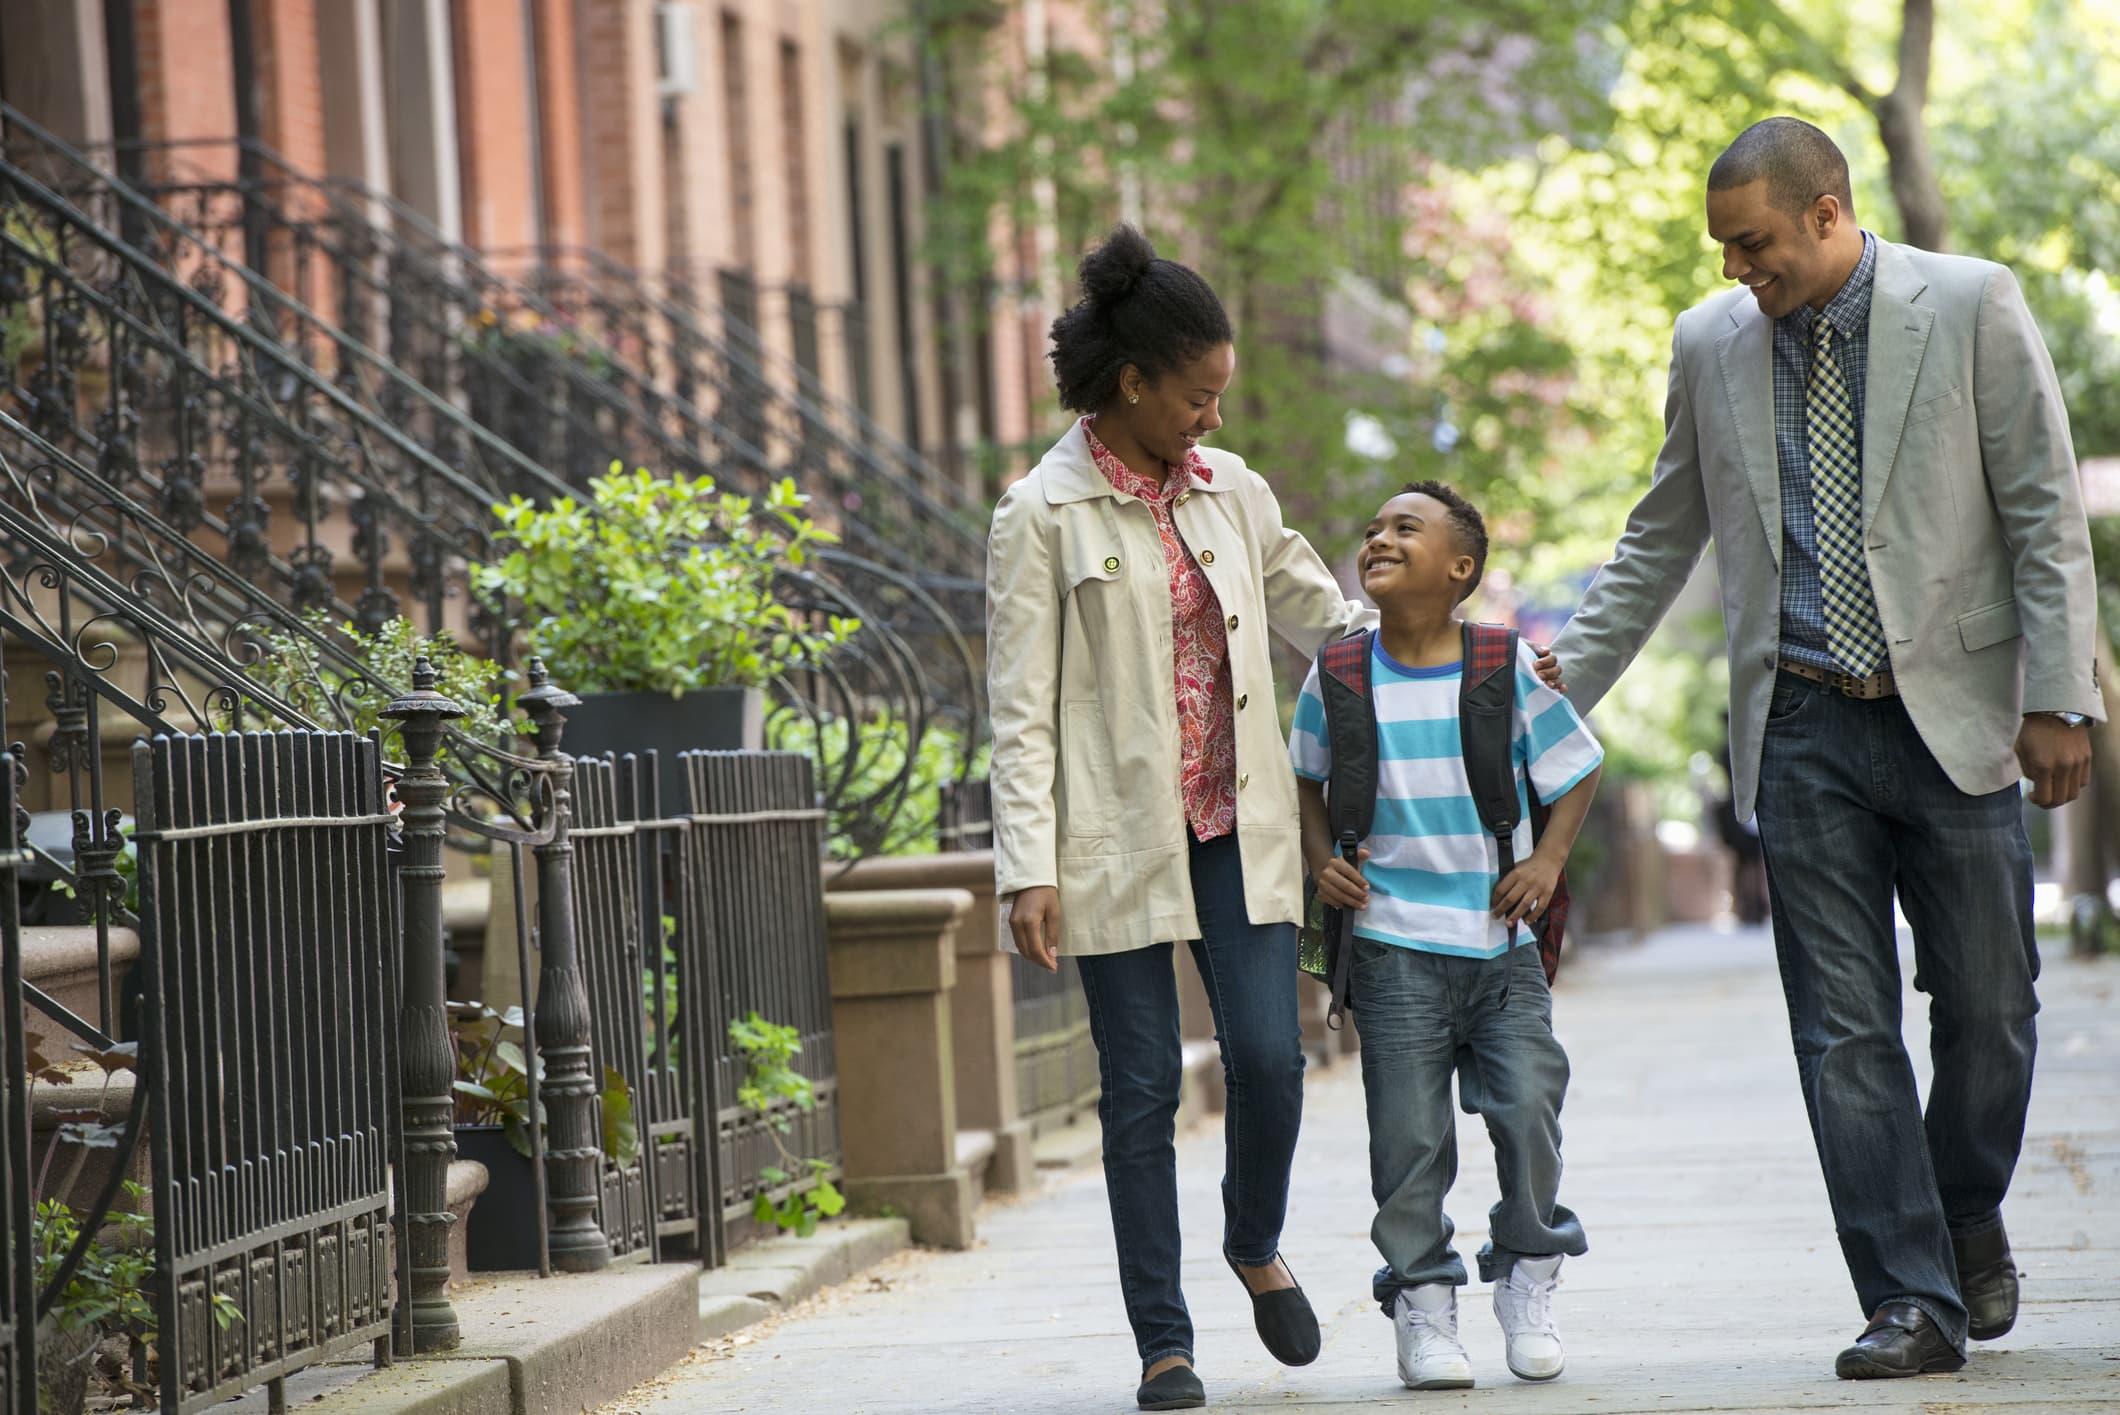 Questo collegamento critico potrebbe aiutare a colmare il divario di ricchezza razziale dell'America